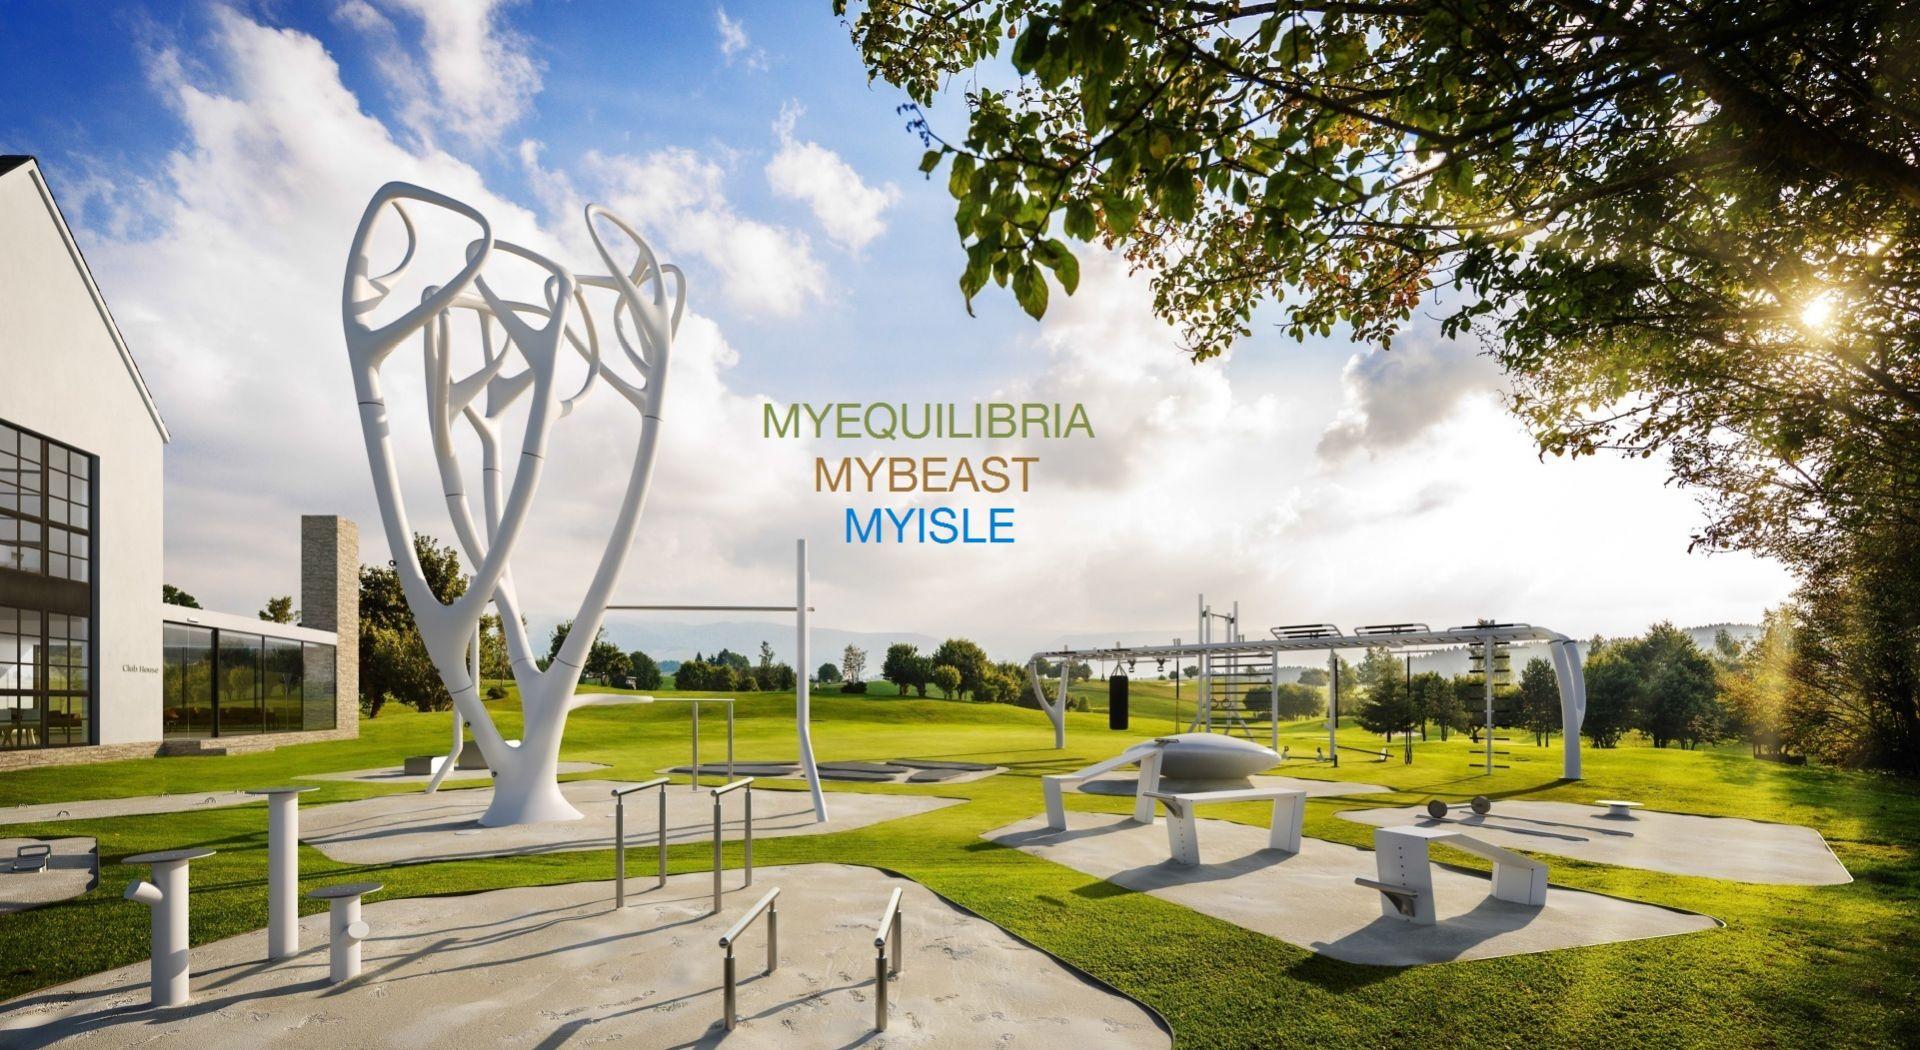 Bienvenue dans l'univers MyEQUILIBRIA la meilleure tendance d'équipements sportifs d'extérieurs et connectés by METALCO